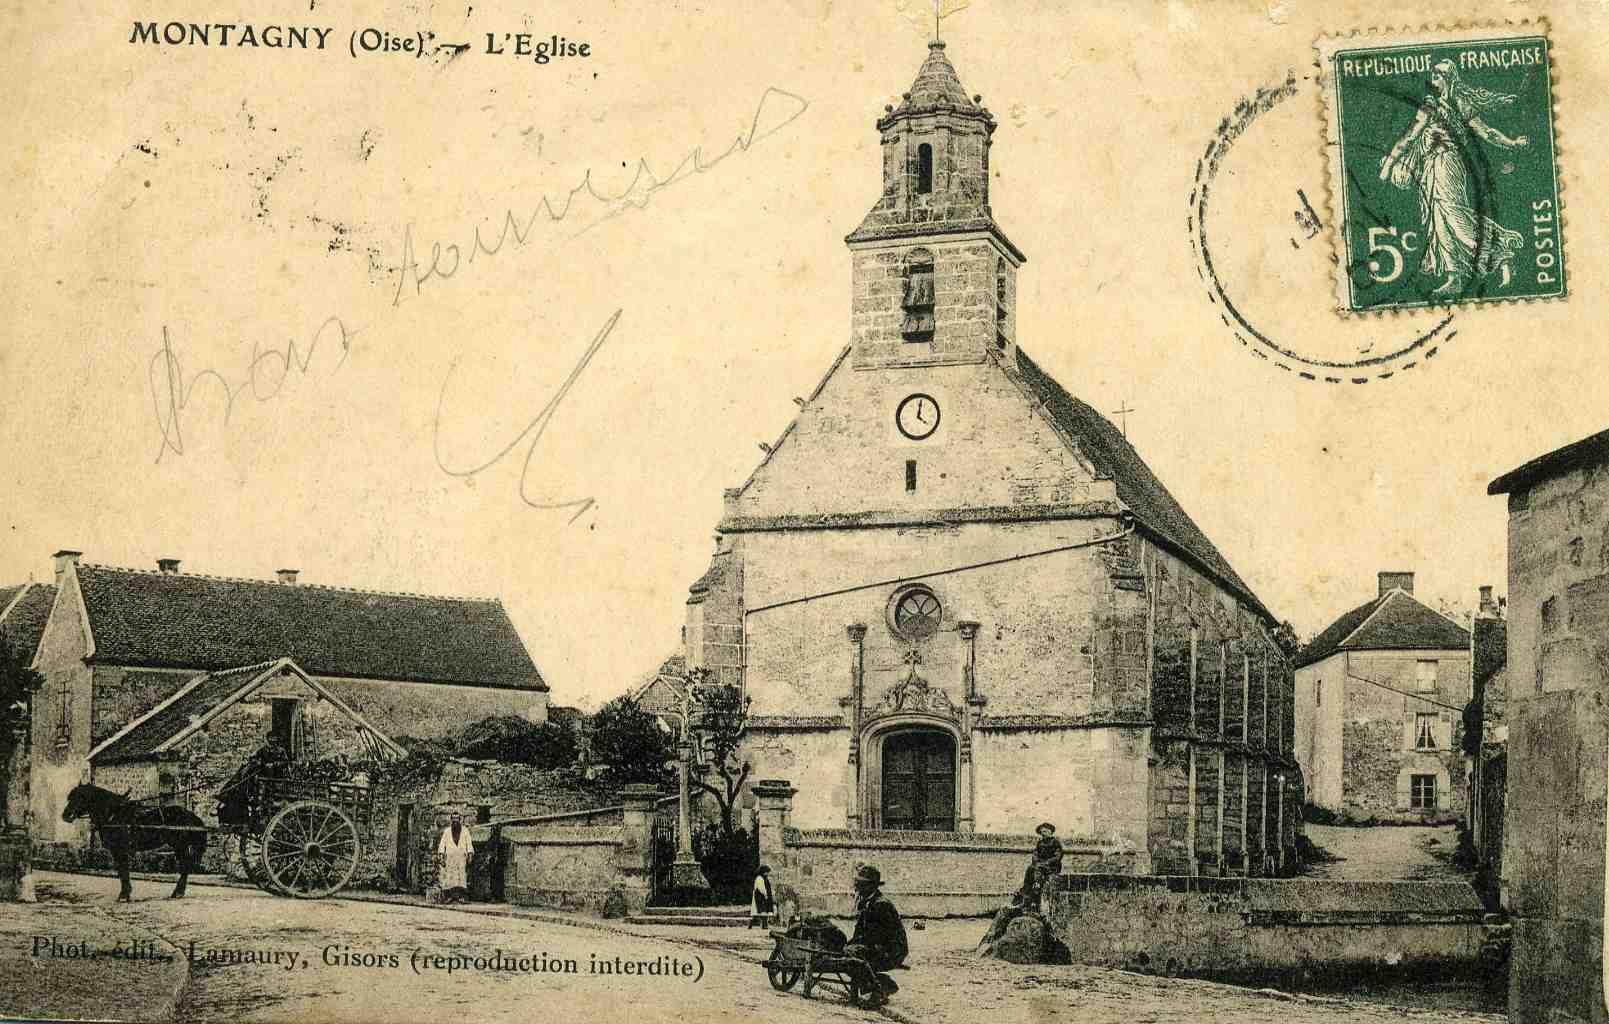 Eglise Saint-Jacques et Saint-Christophe Montagny-en-Vexin